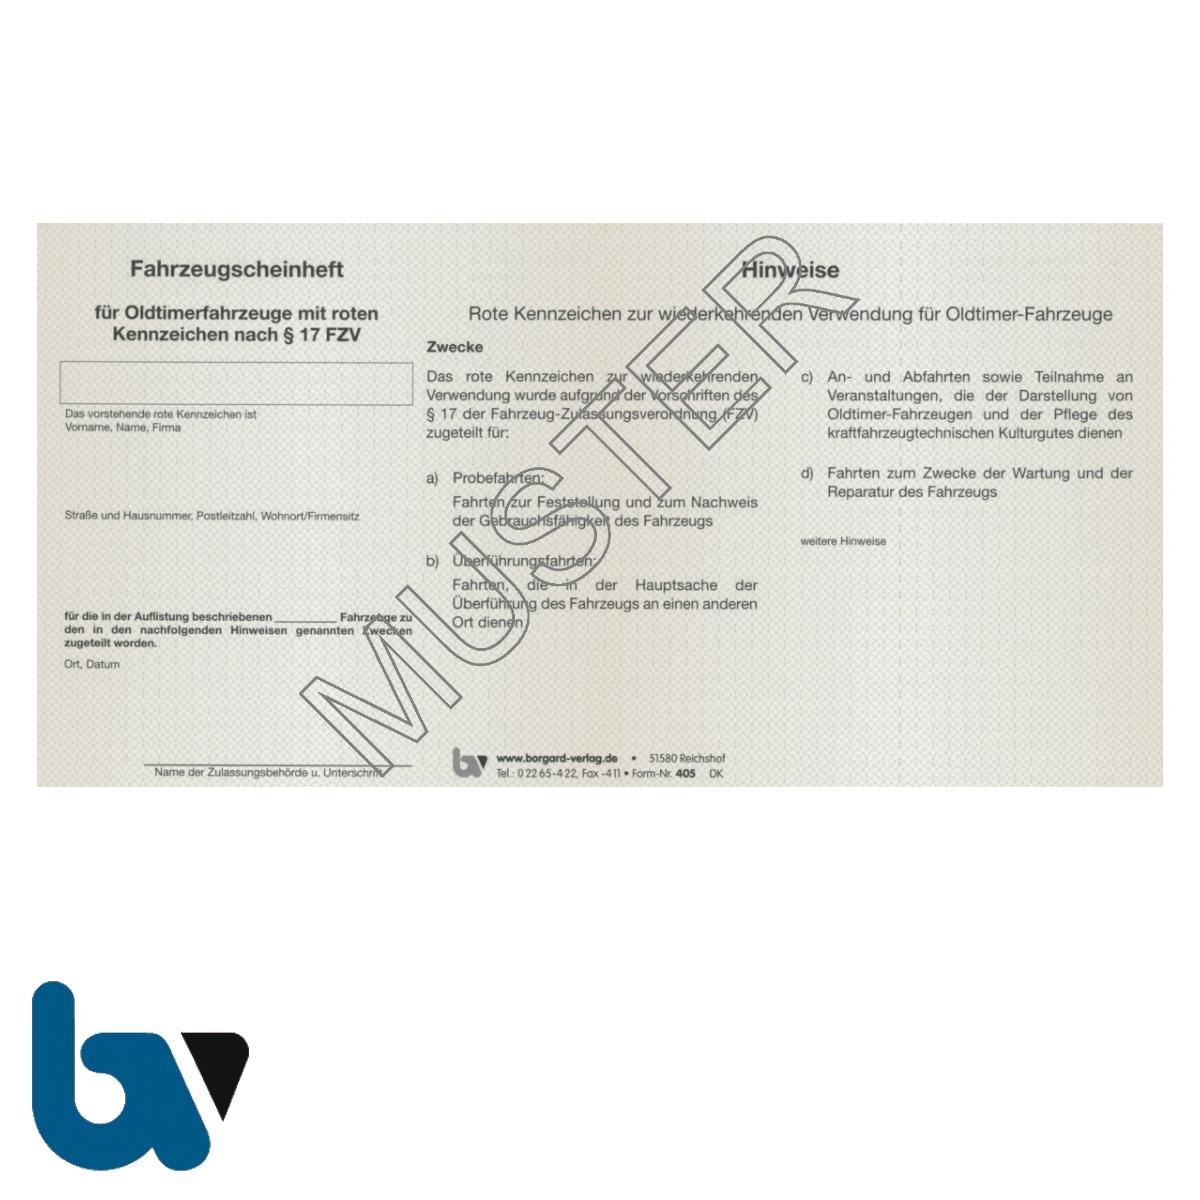 405 Fahrzeugscheinheft Oldtimer rot Kennzeichen §17 Anlage 10a FzV Fahrzeug Zulassungsverordnung Vorderseite   Borgard Verlag GmbH